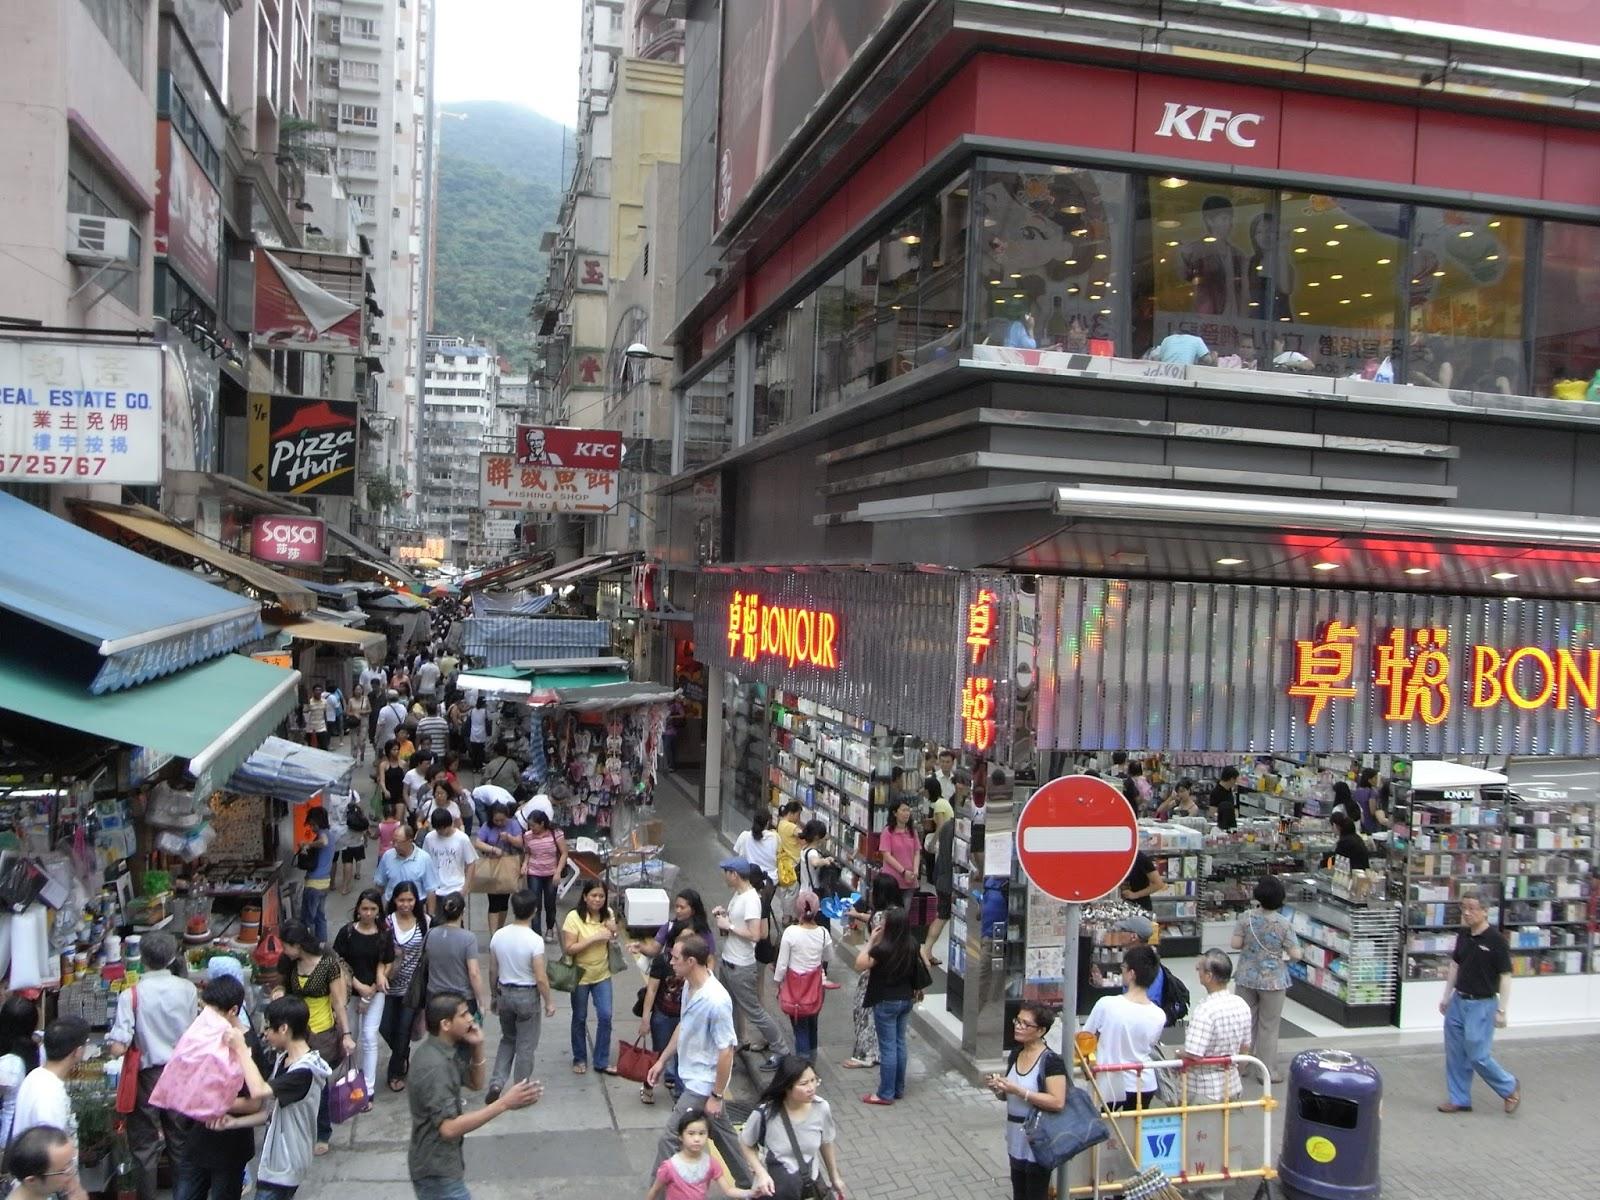 Wai Chan Road